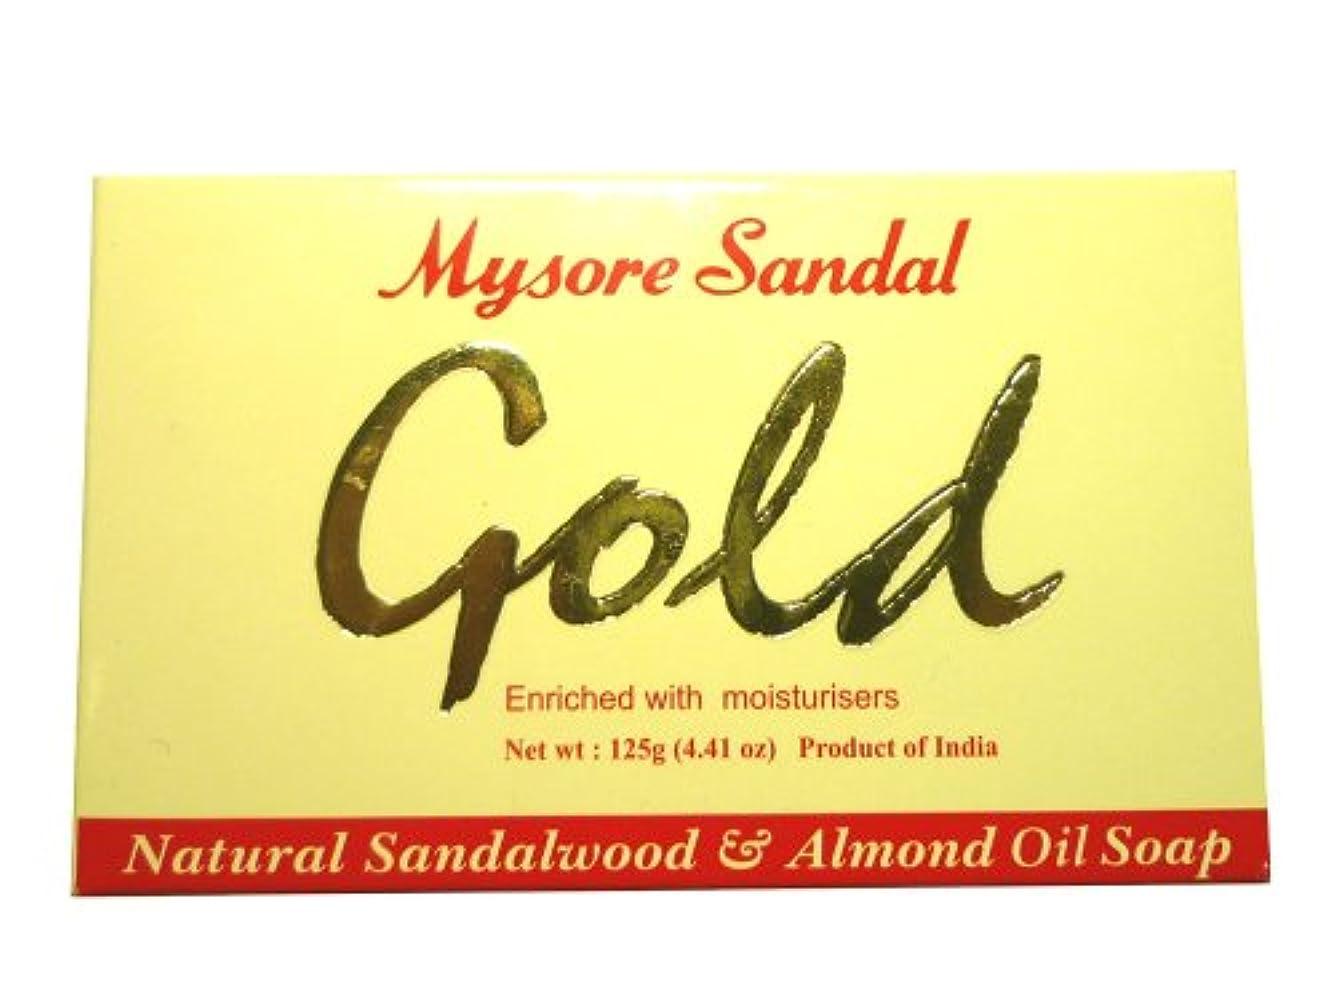 可動シソーラス診断する高純度白檀油配合 マイソール サンダルゴールドソープ